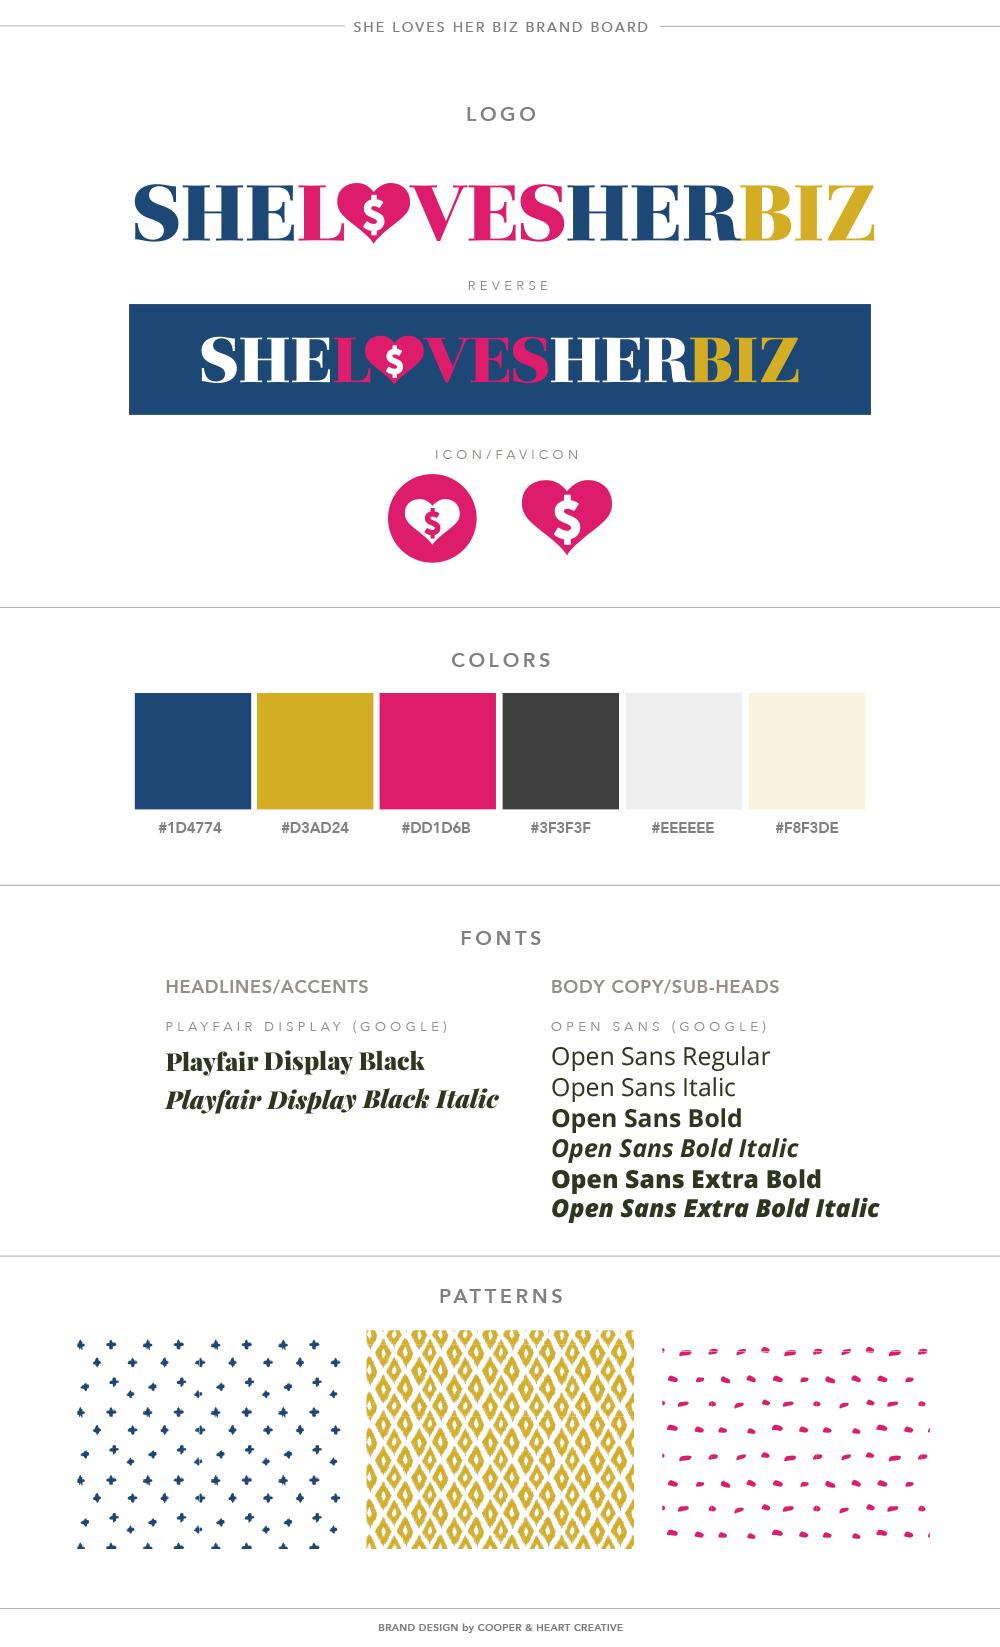 She Loves Her Biz Brand Board